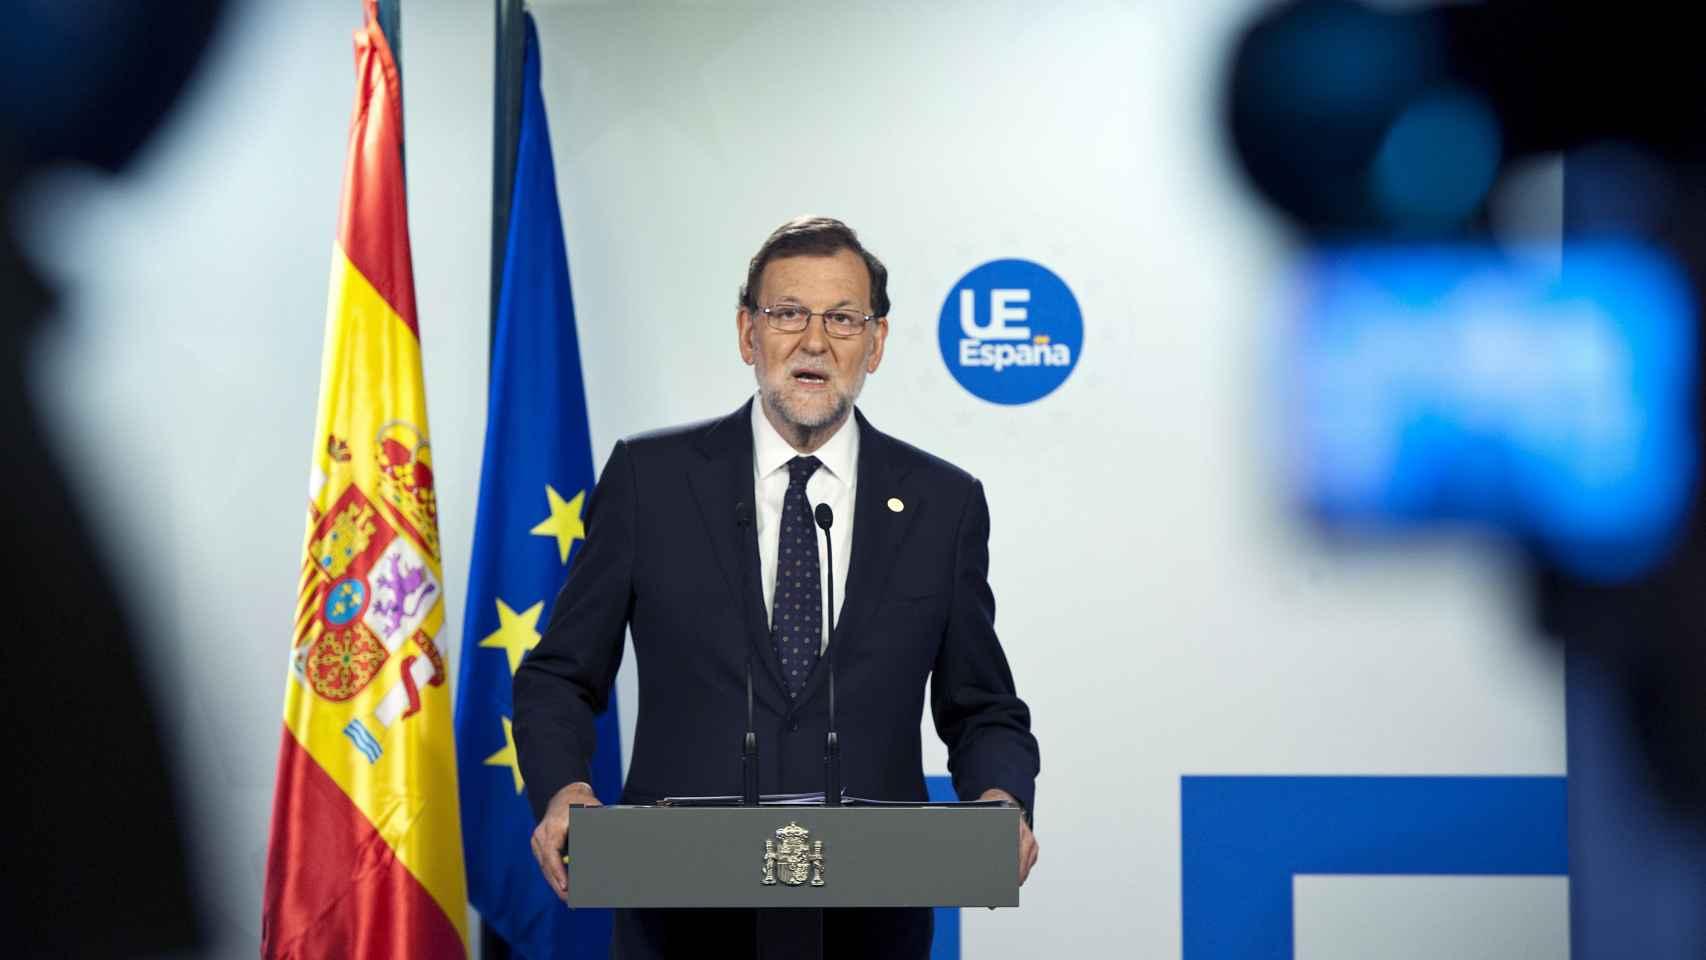 Rajoy comparece ante la prensa tras la primera reunión de la UE sin Reino Unido